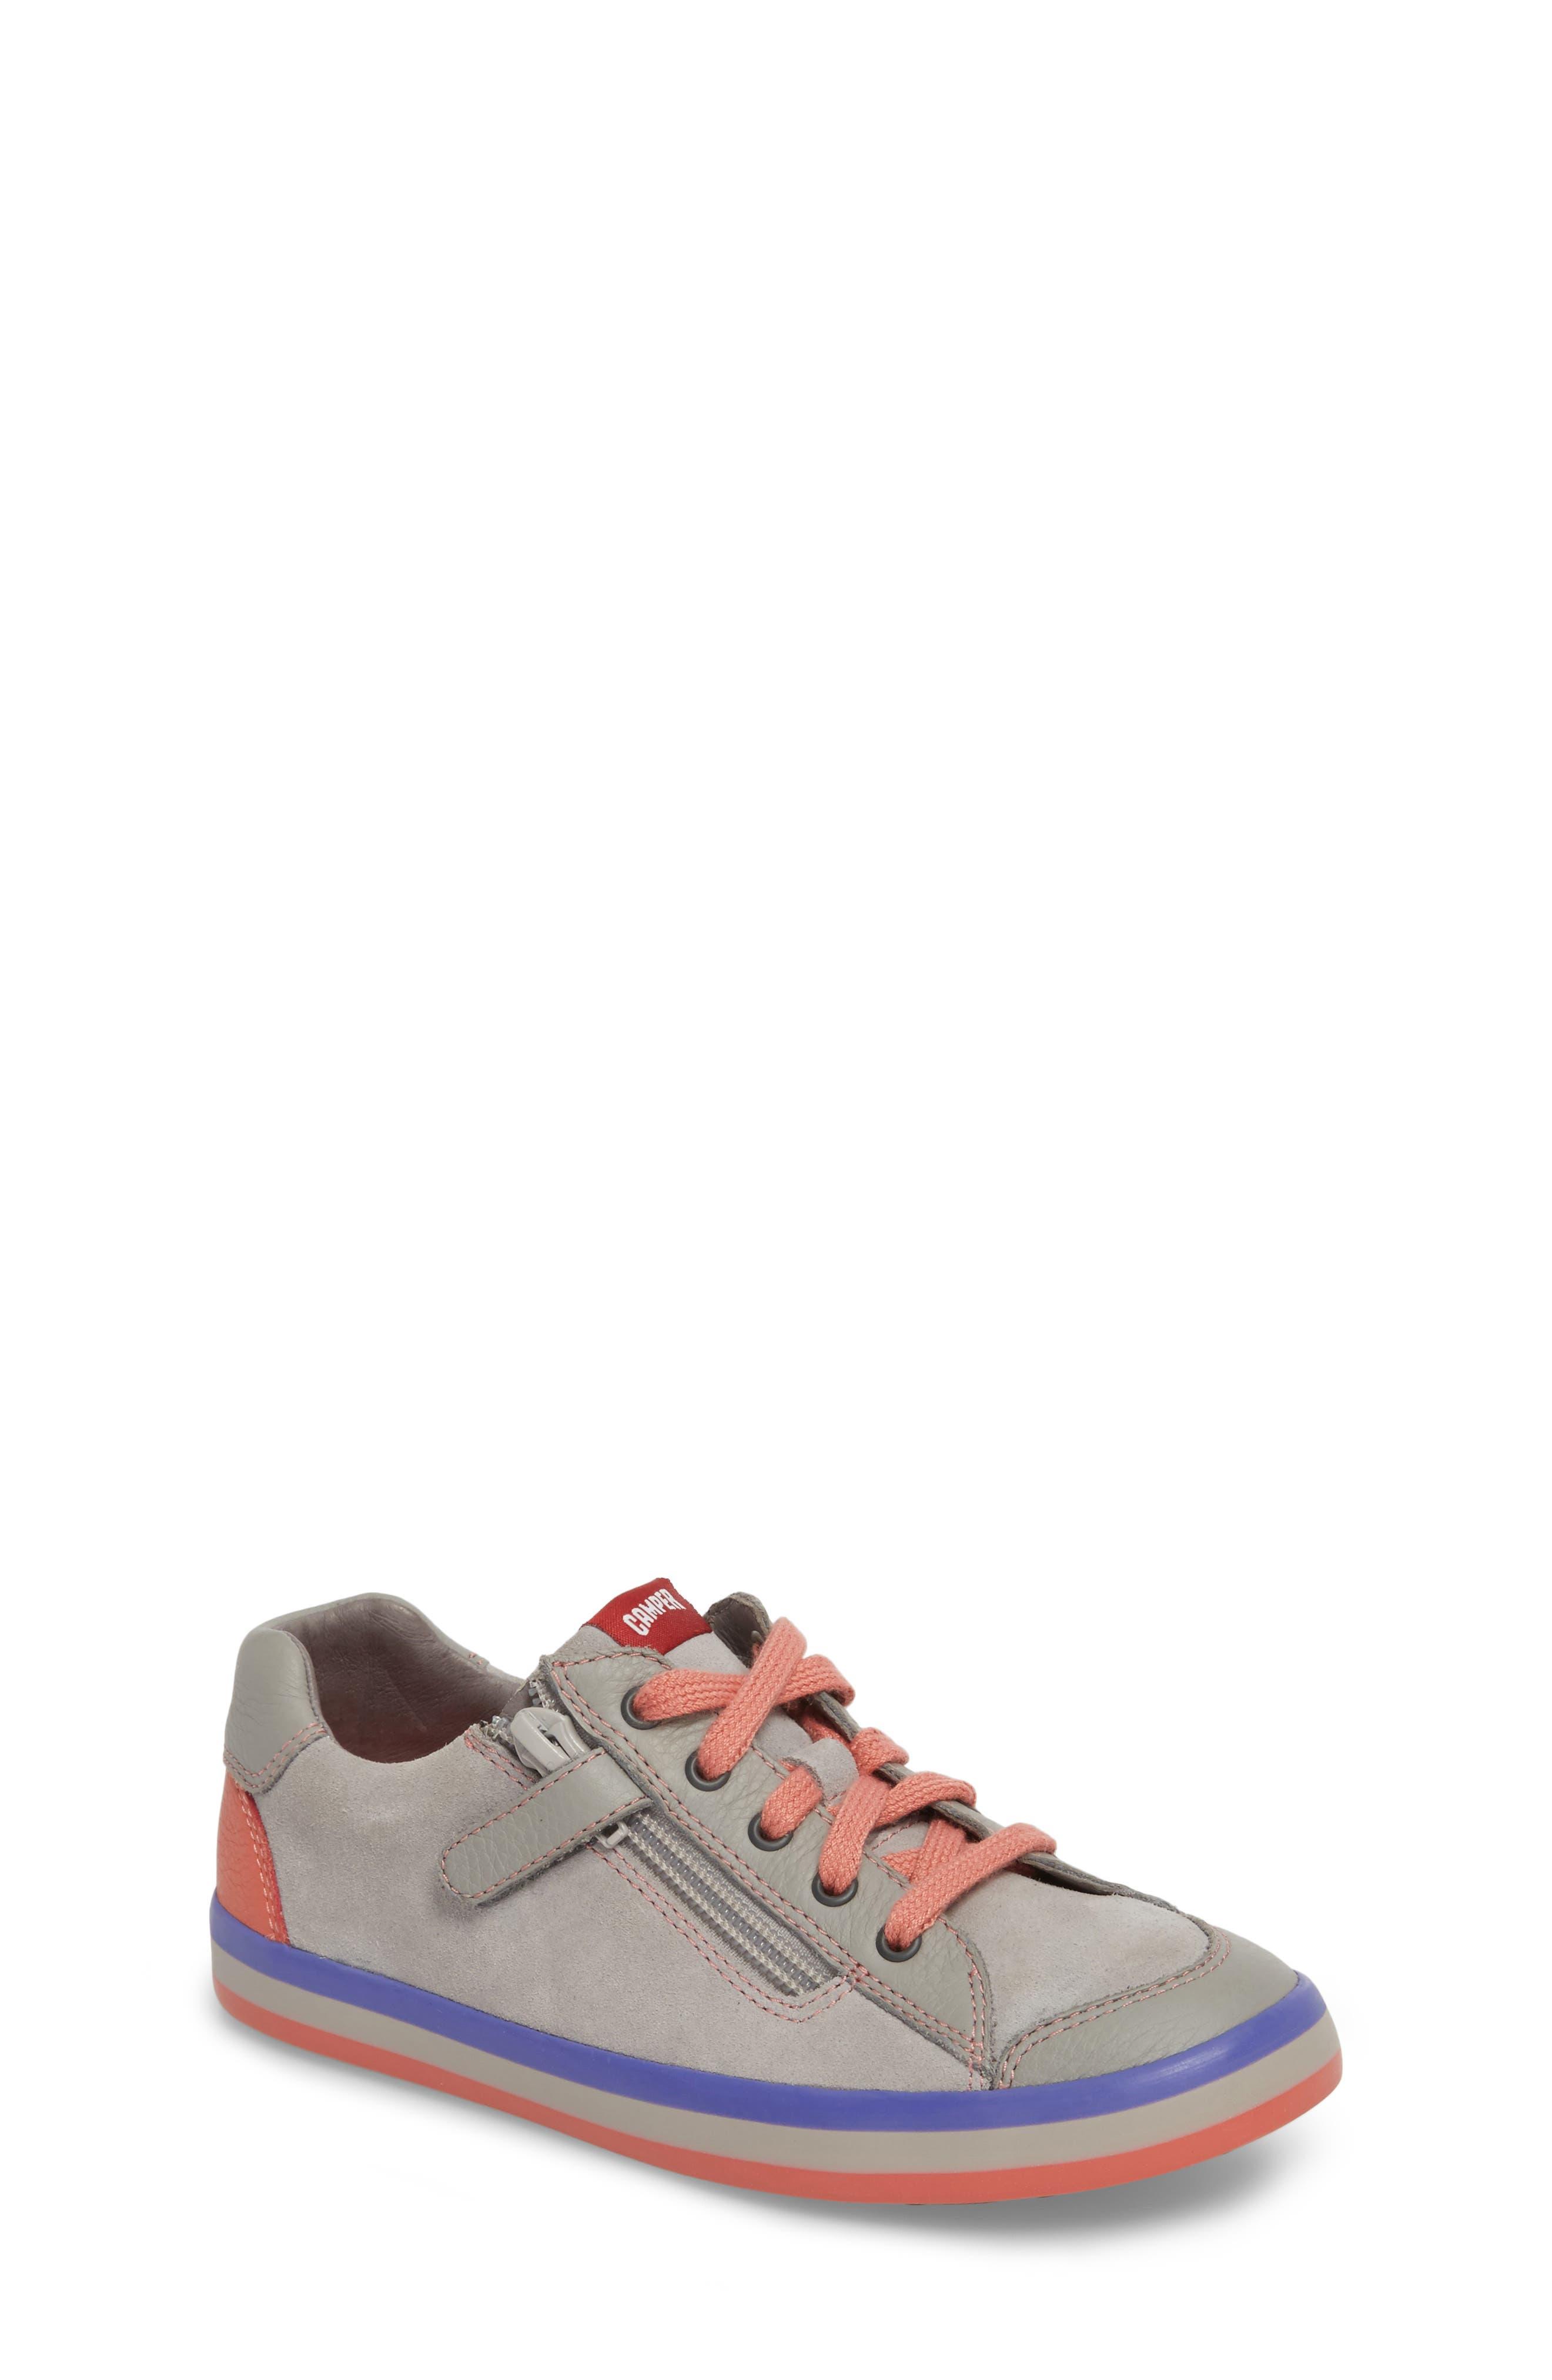 Pursuit Sneaker,                         Main,                         color, Light Grey